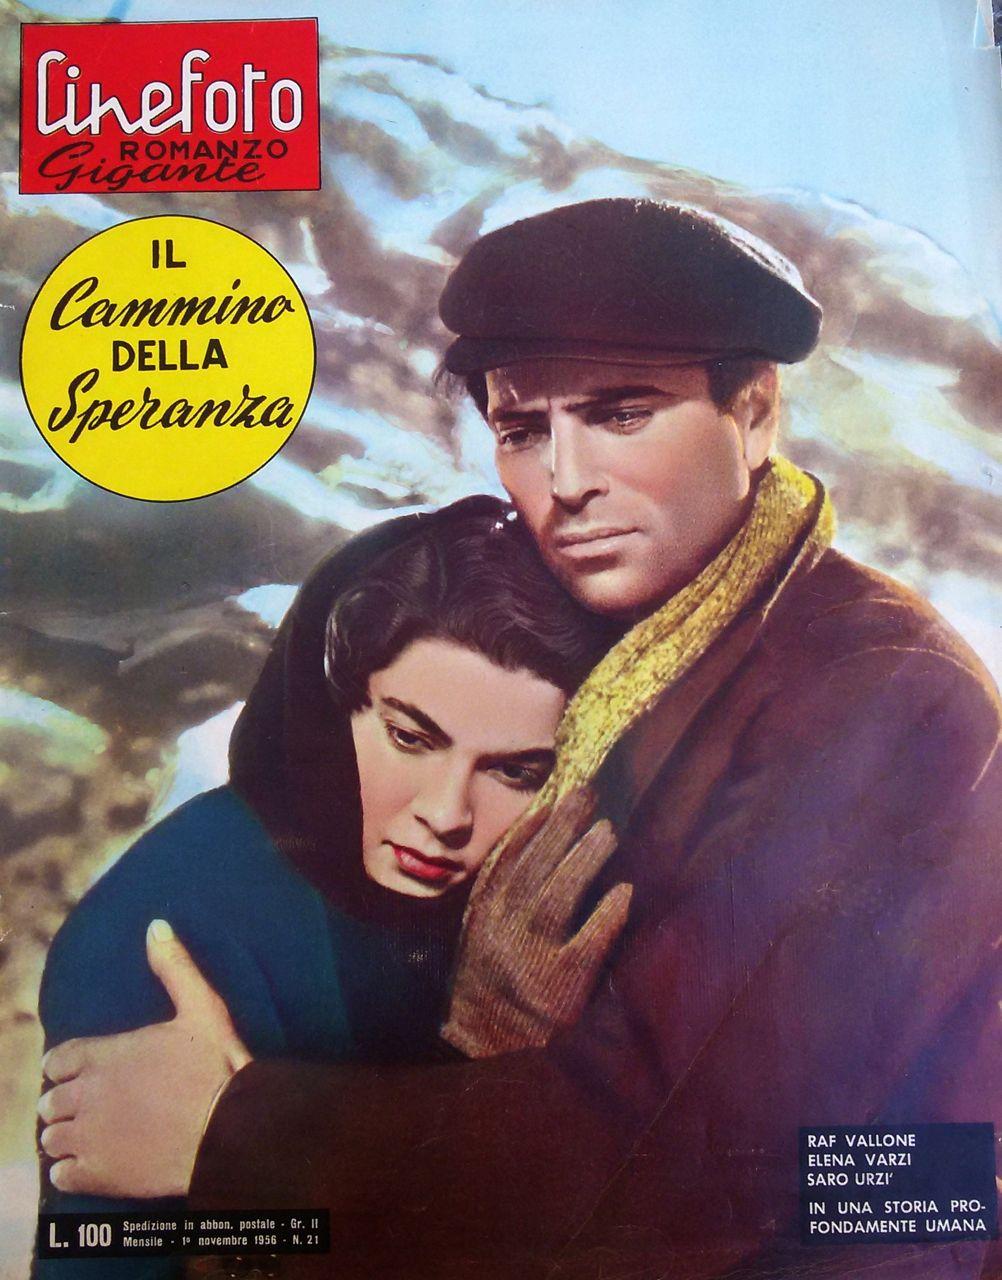 """Il cammino della speranza di Pietro Germi – Cineromanzo a fumetti in """"Cinefotoromanzo Gigante"""", n.21, 1 novembre 1956"""